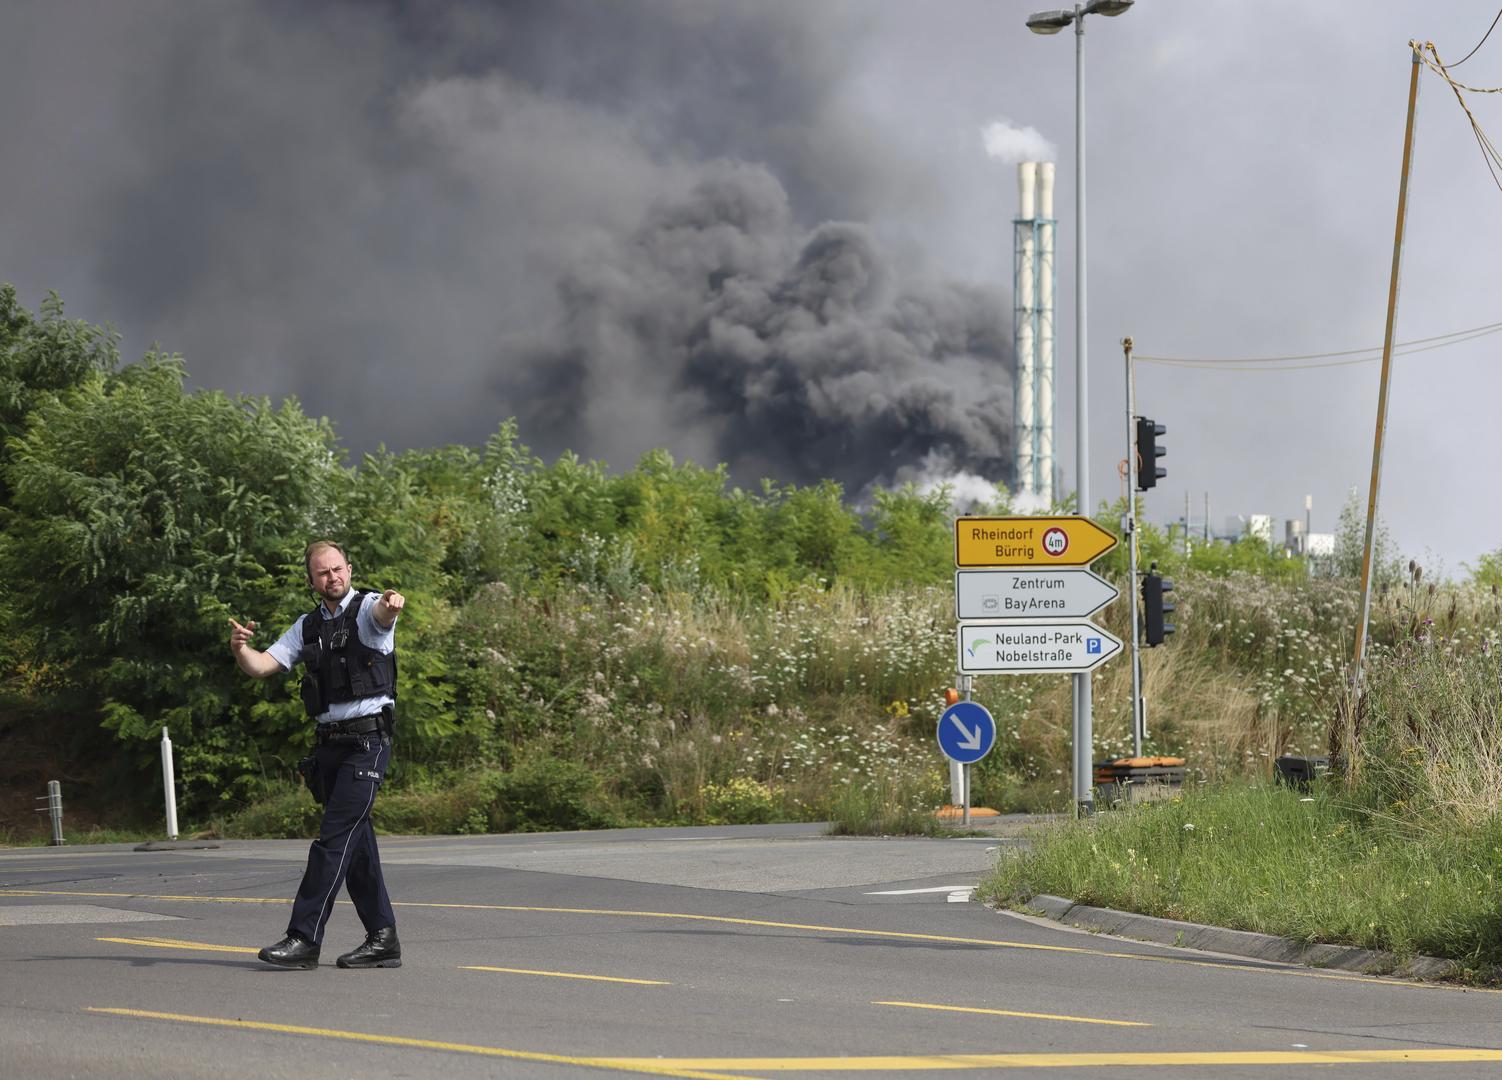 ألمانيا.. العثور على جثث 3 عمال بموقع انفجار مجمع الكيماويات